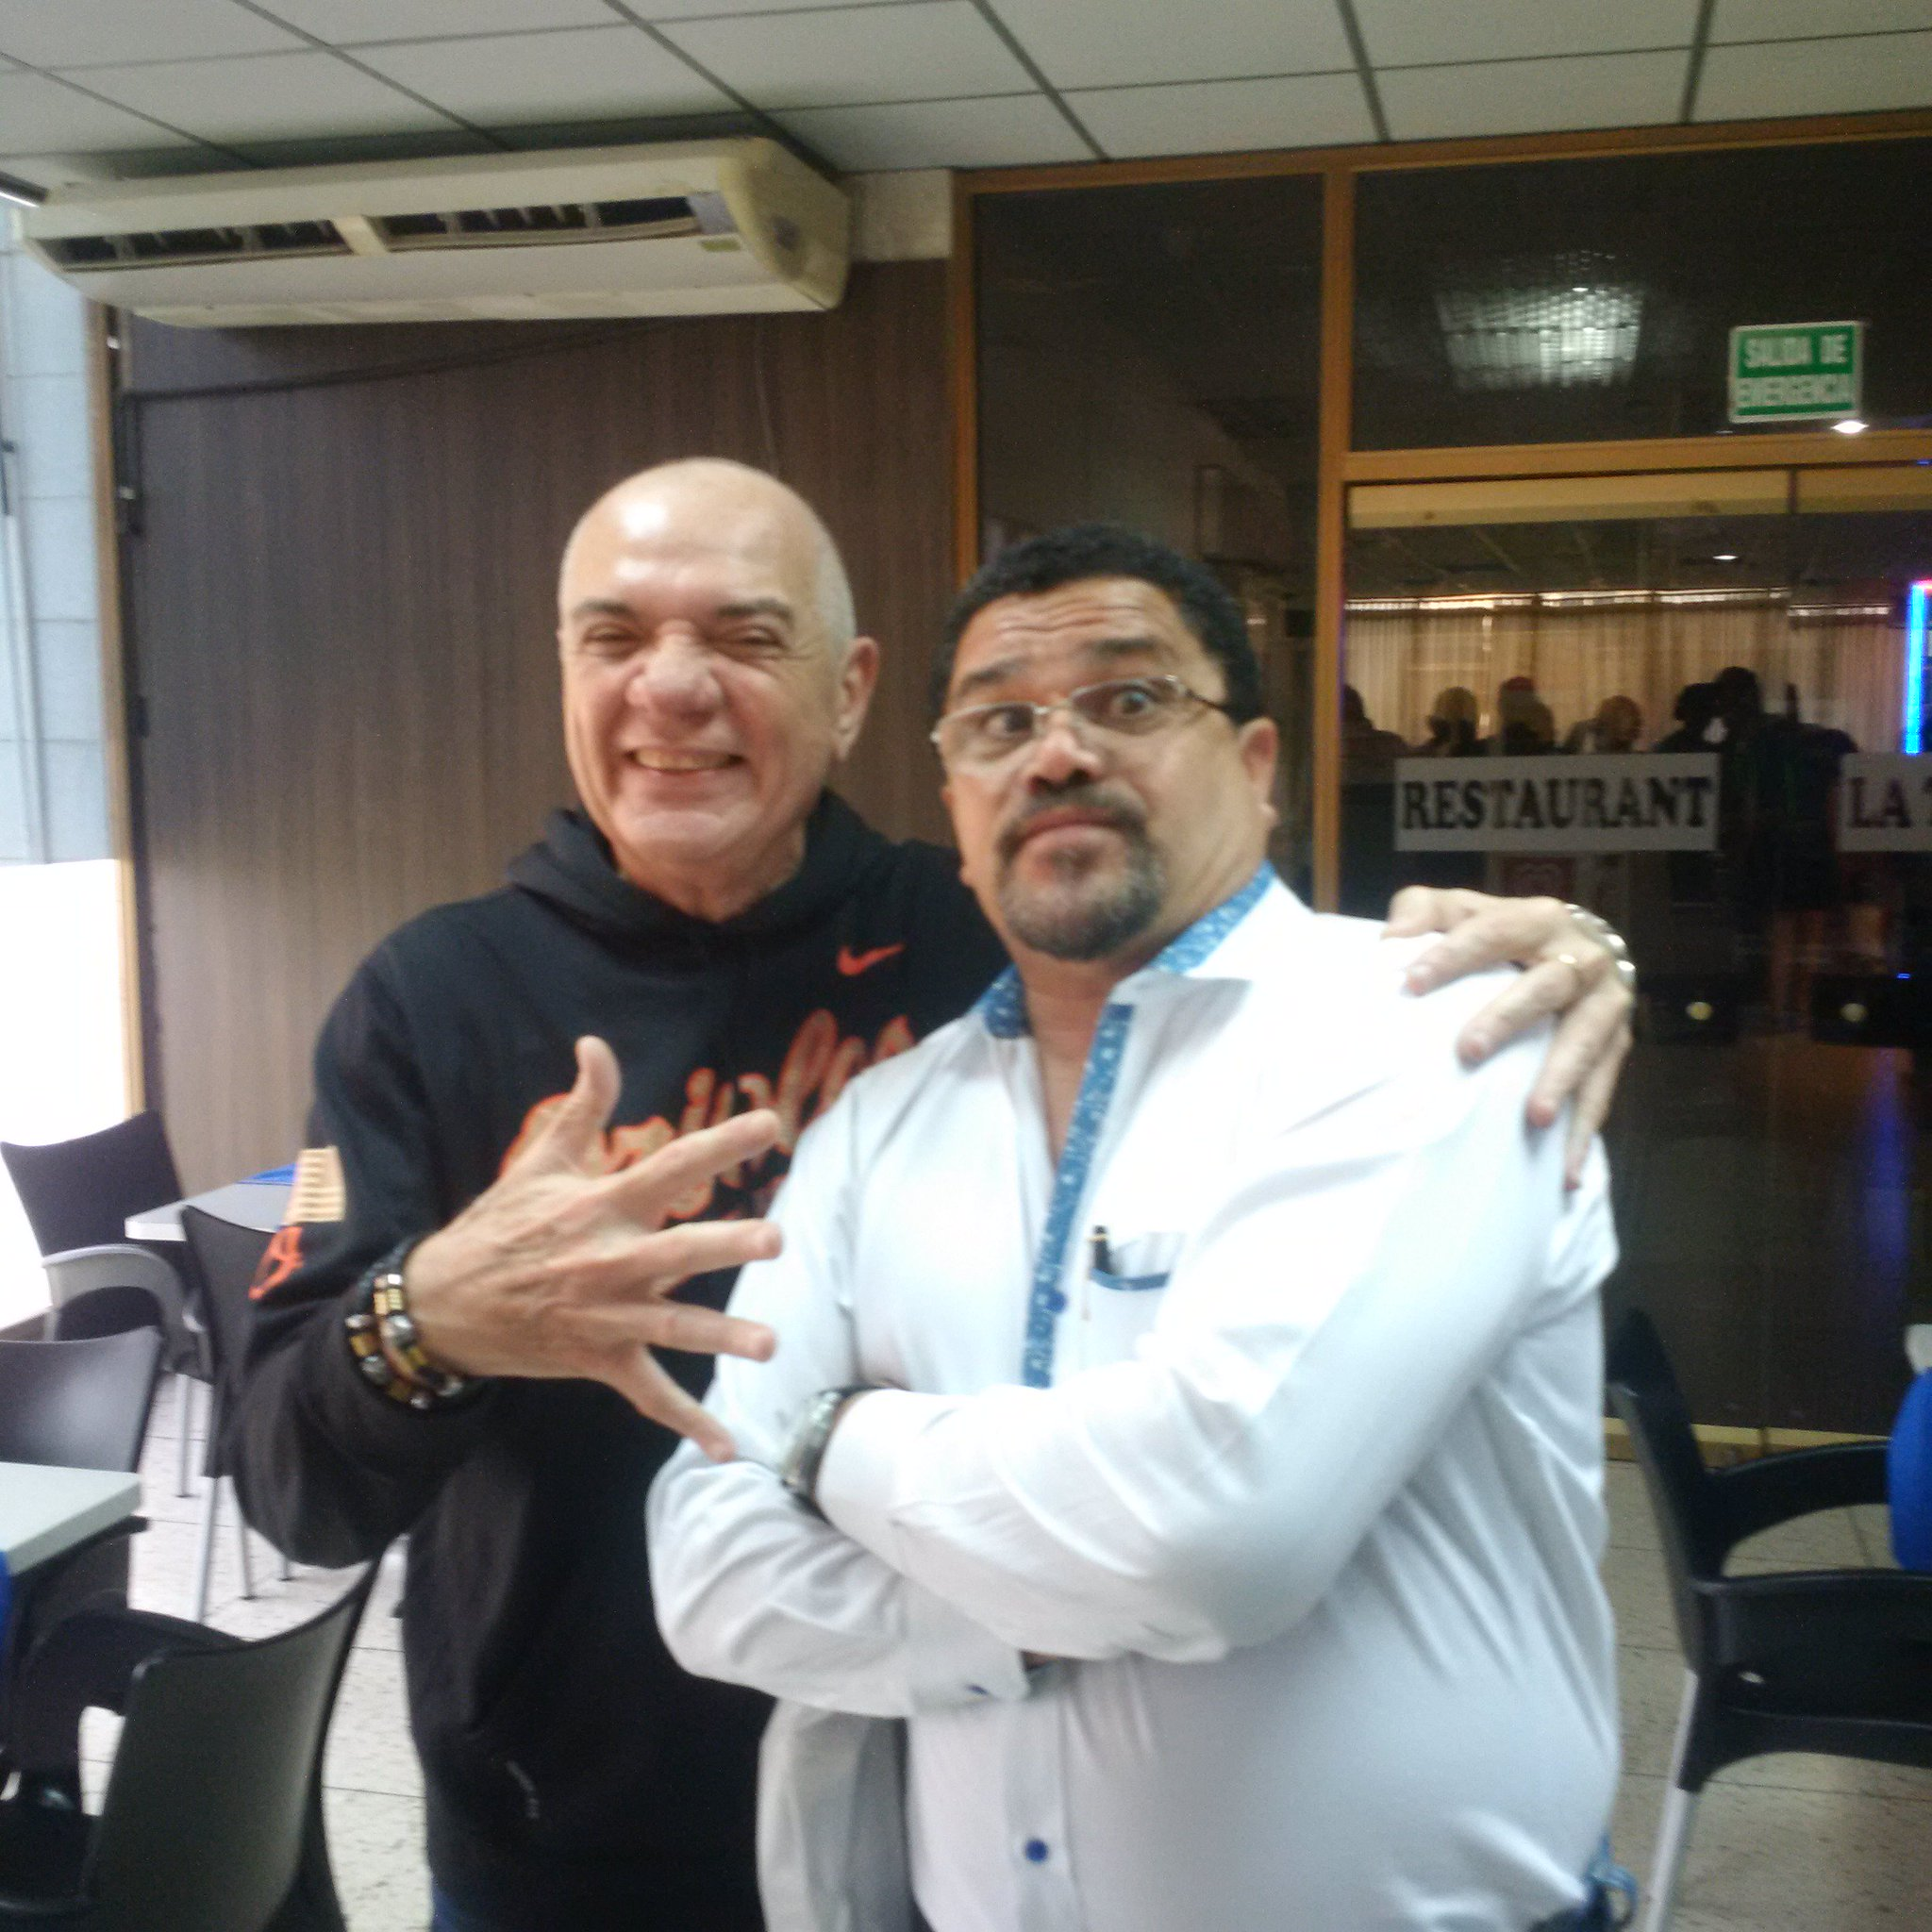 Saludos a mis amigos der mundo. Aquí en Mérida con mi hermano Gustavo Aguado @OficialGuaco https://t.co/0OnjYP4N9t